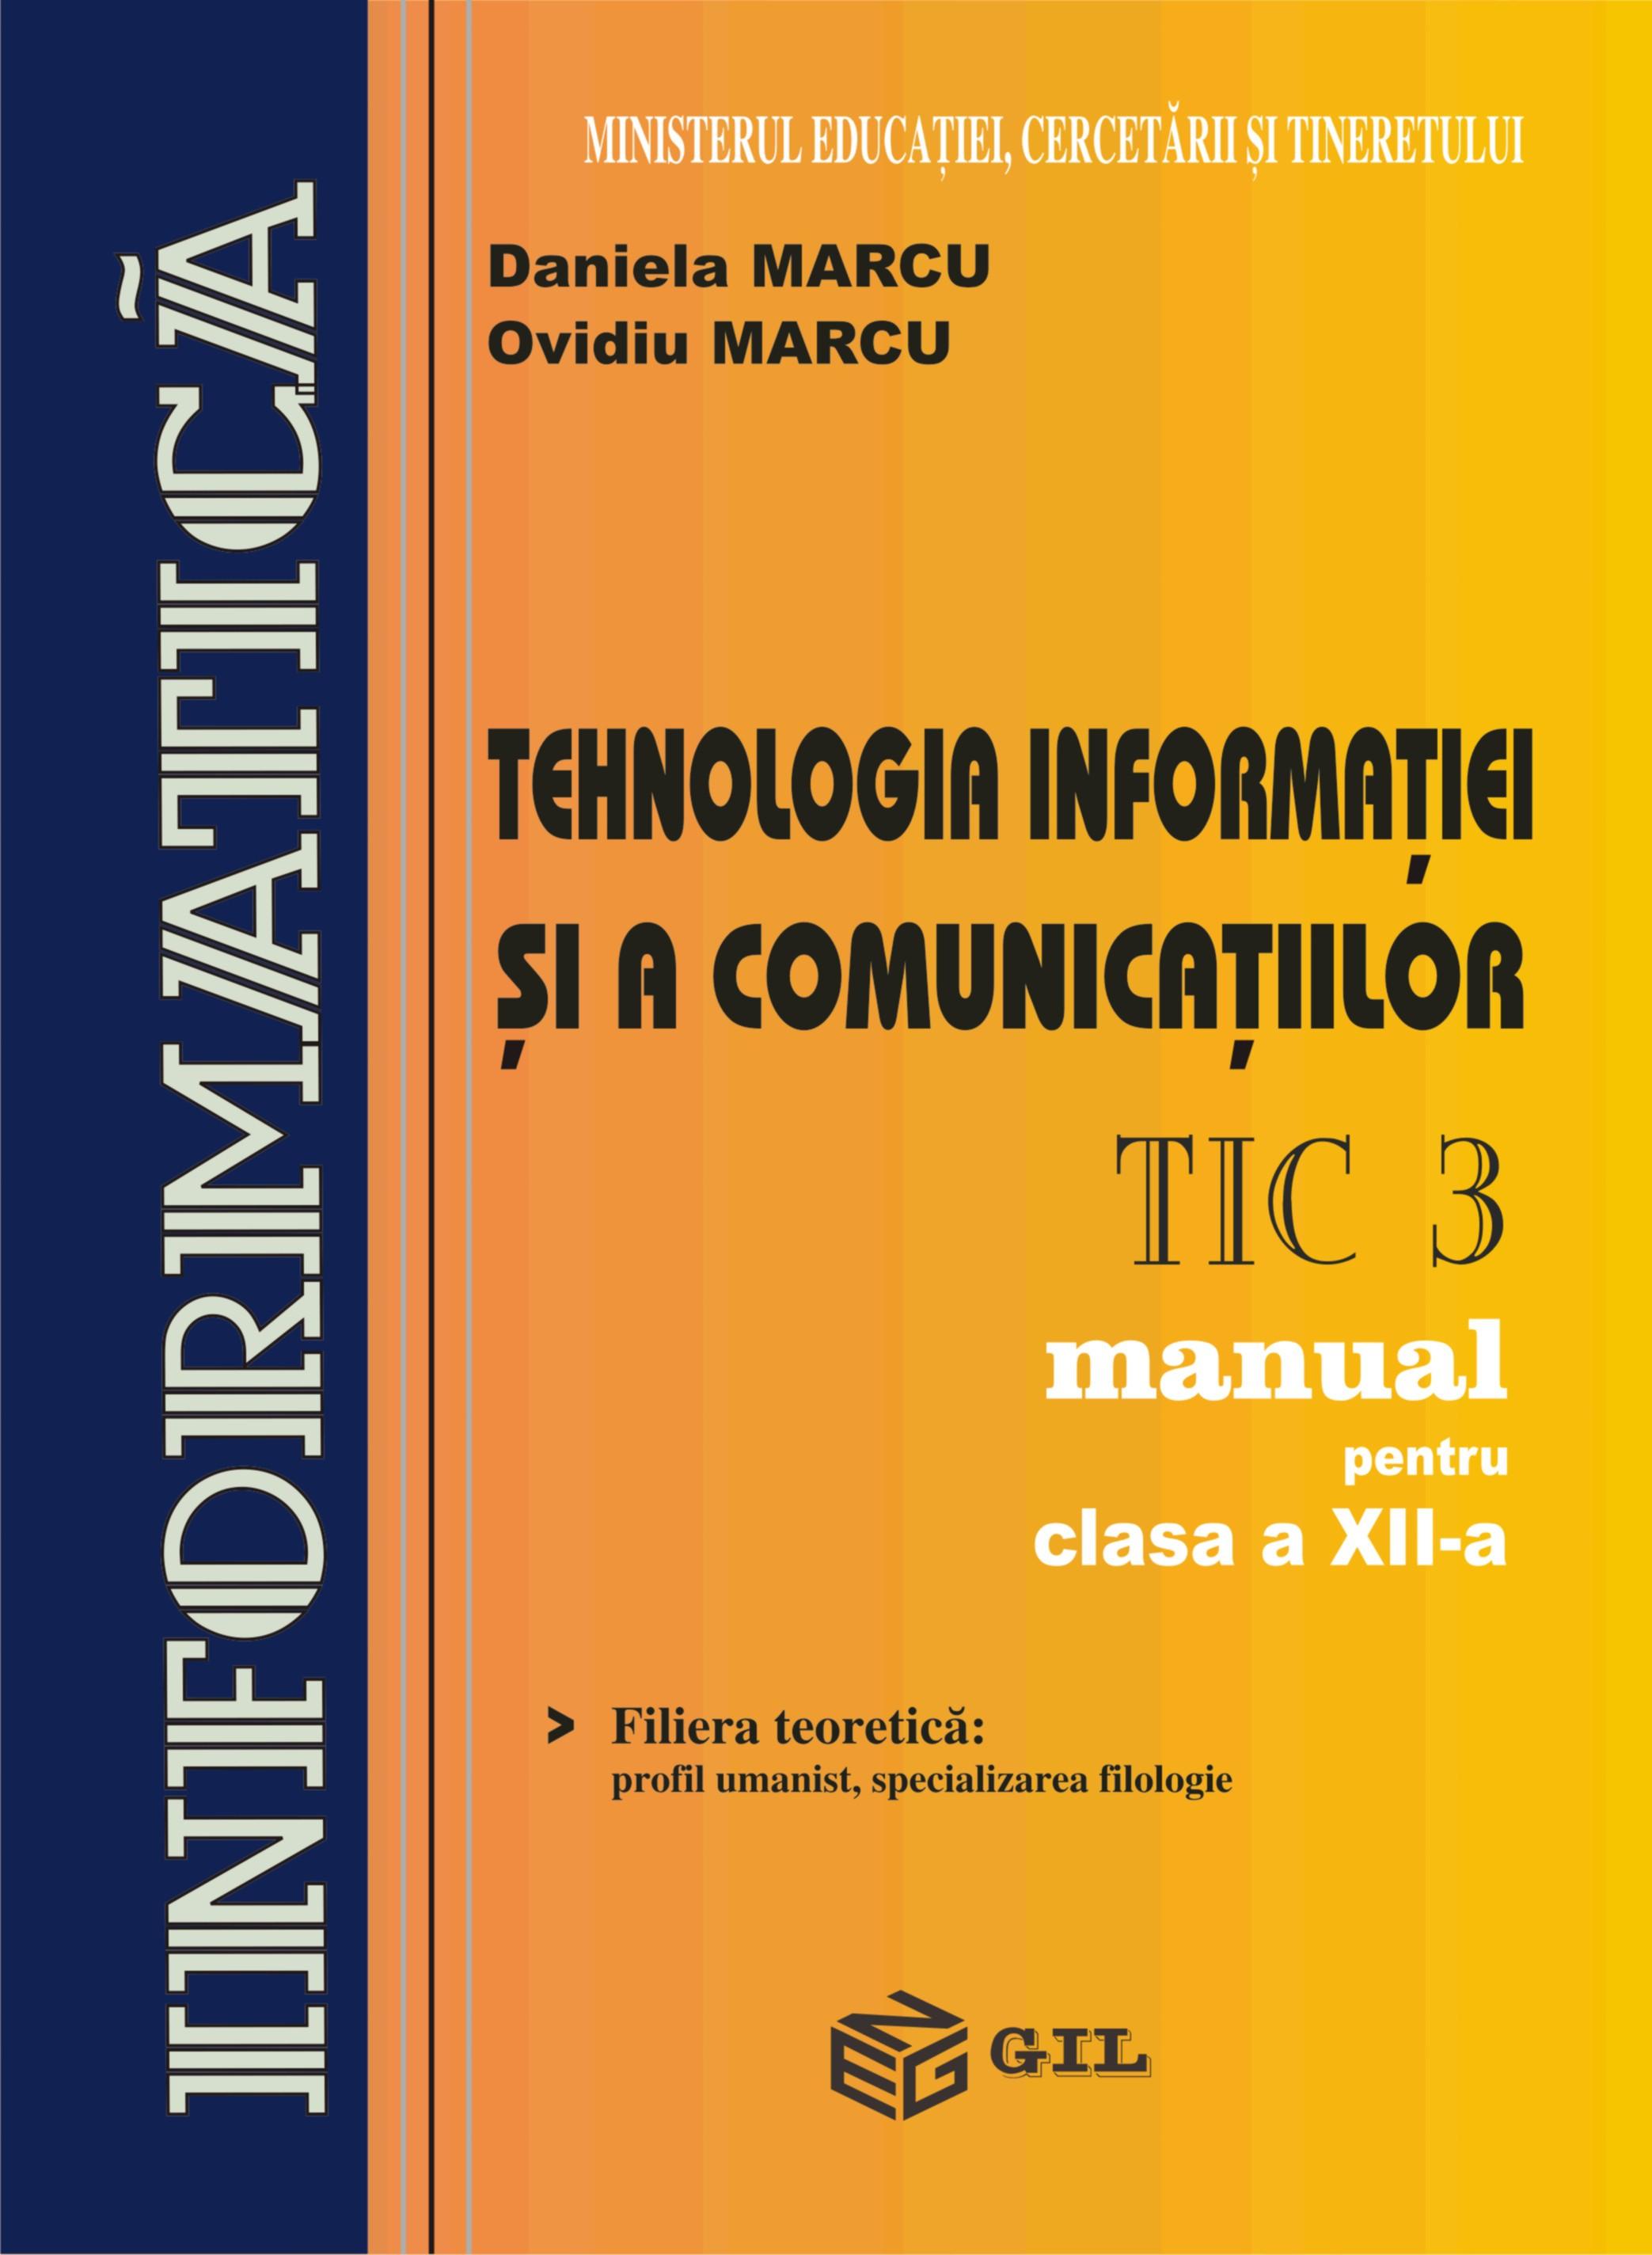 Tehnologia informatiei si a comunicatiilor (TIC 3)